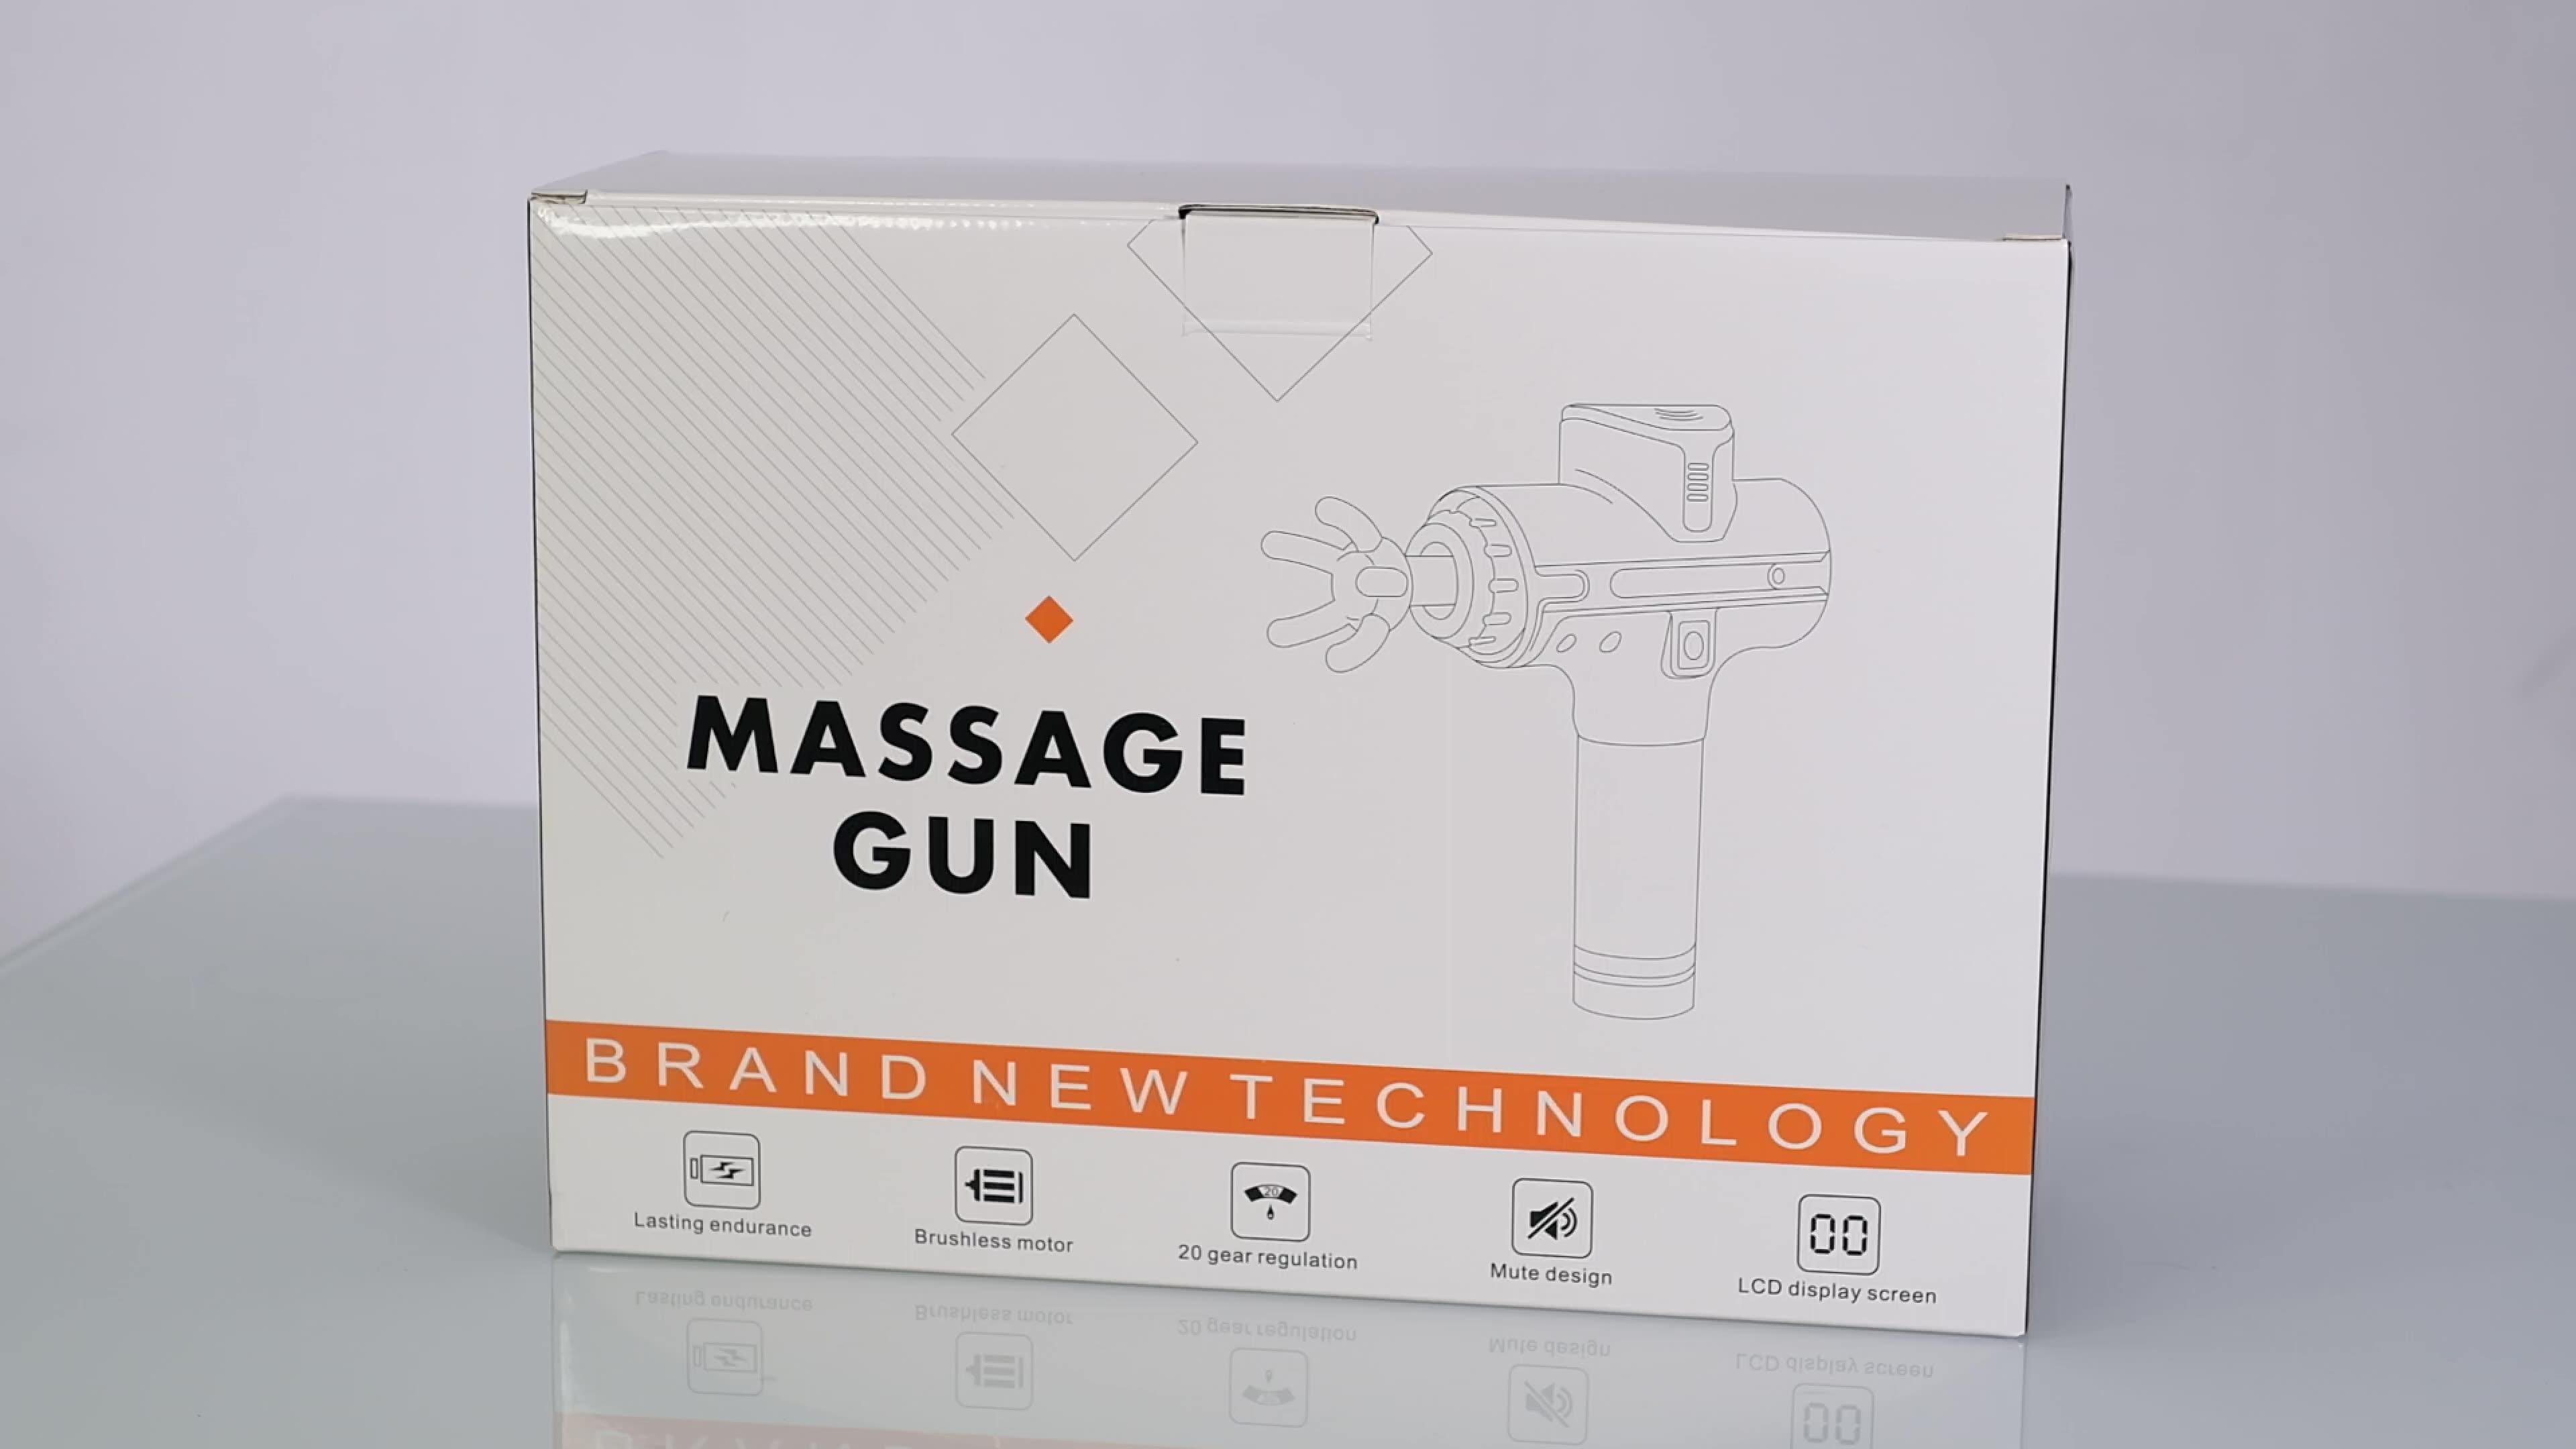 2020 New Arrivals Xu Hướng Sản Phẩm 5200 MAh 24V Chuyên Nghiệp Trên Khuôn Mặt Massage Gun, cơ Thể Cá Nhân Điều Trị Massager Với 8 Đầu